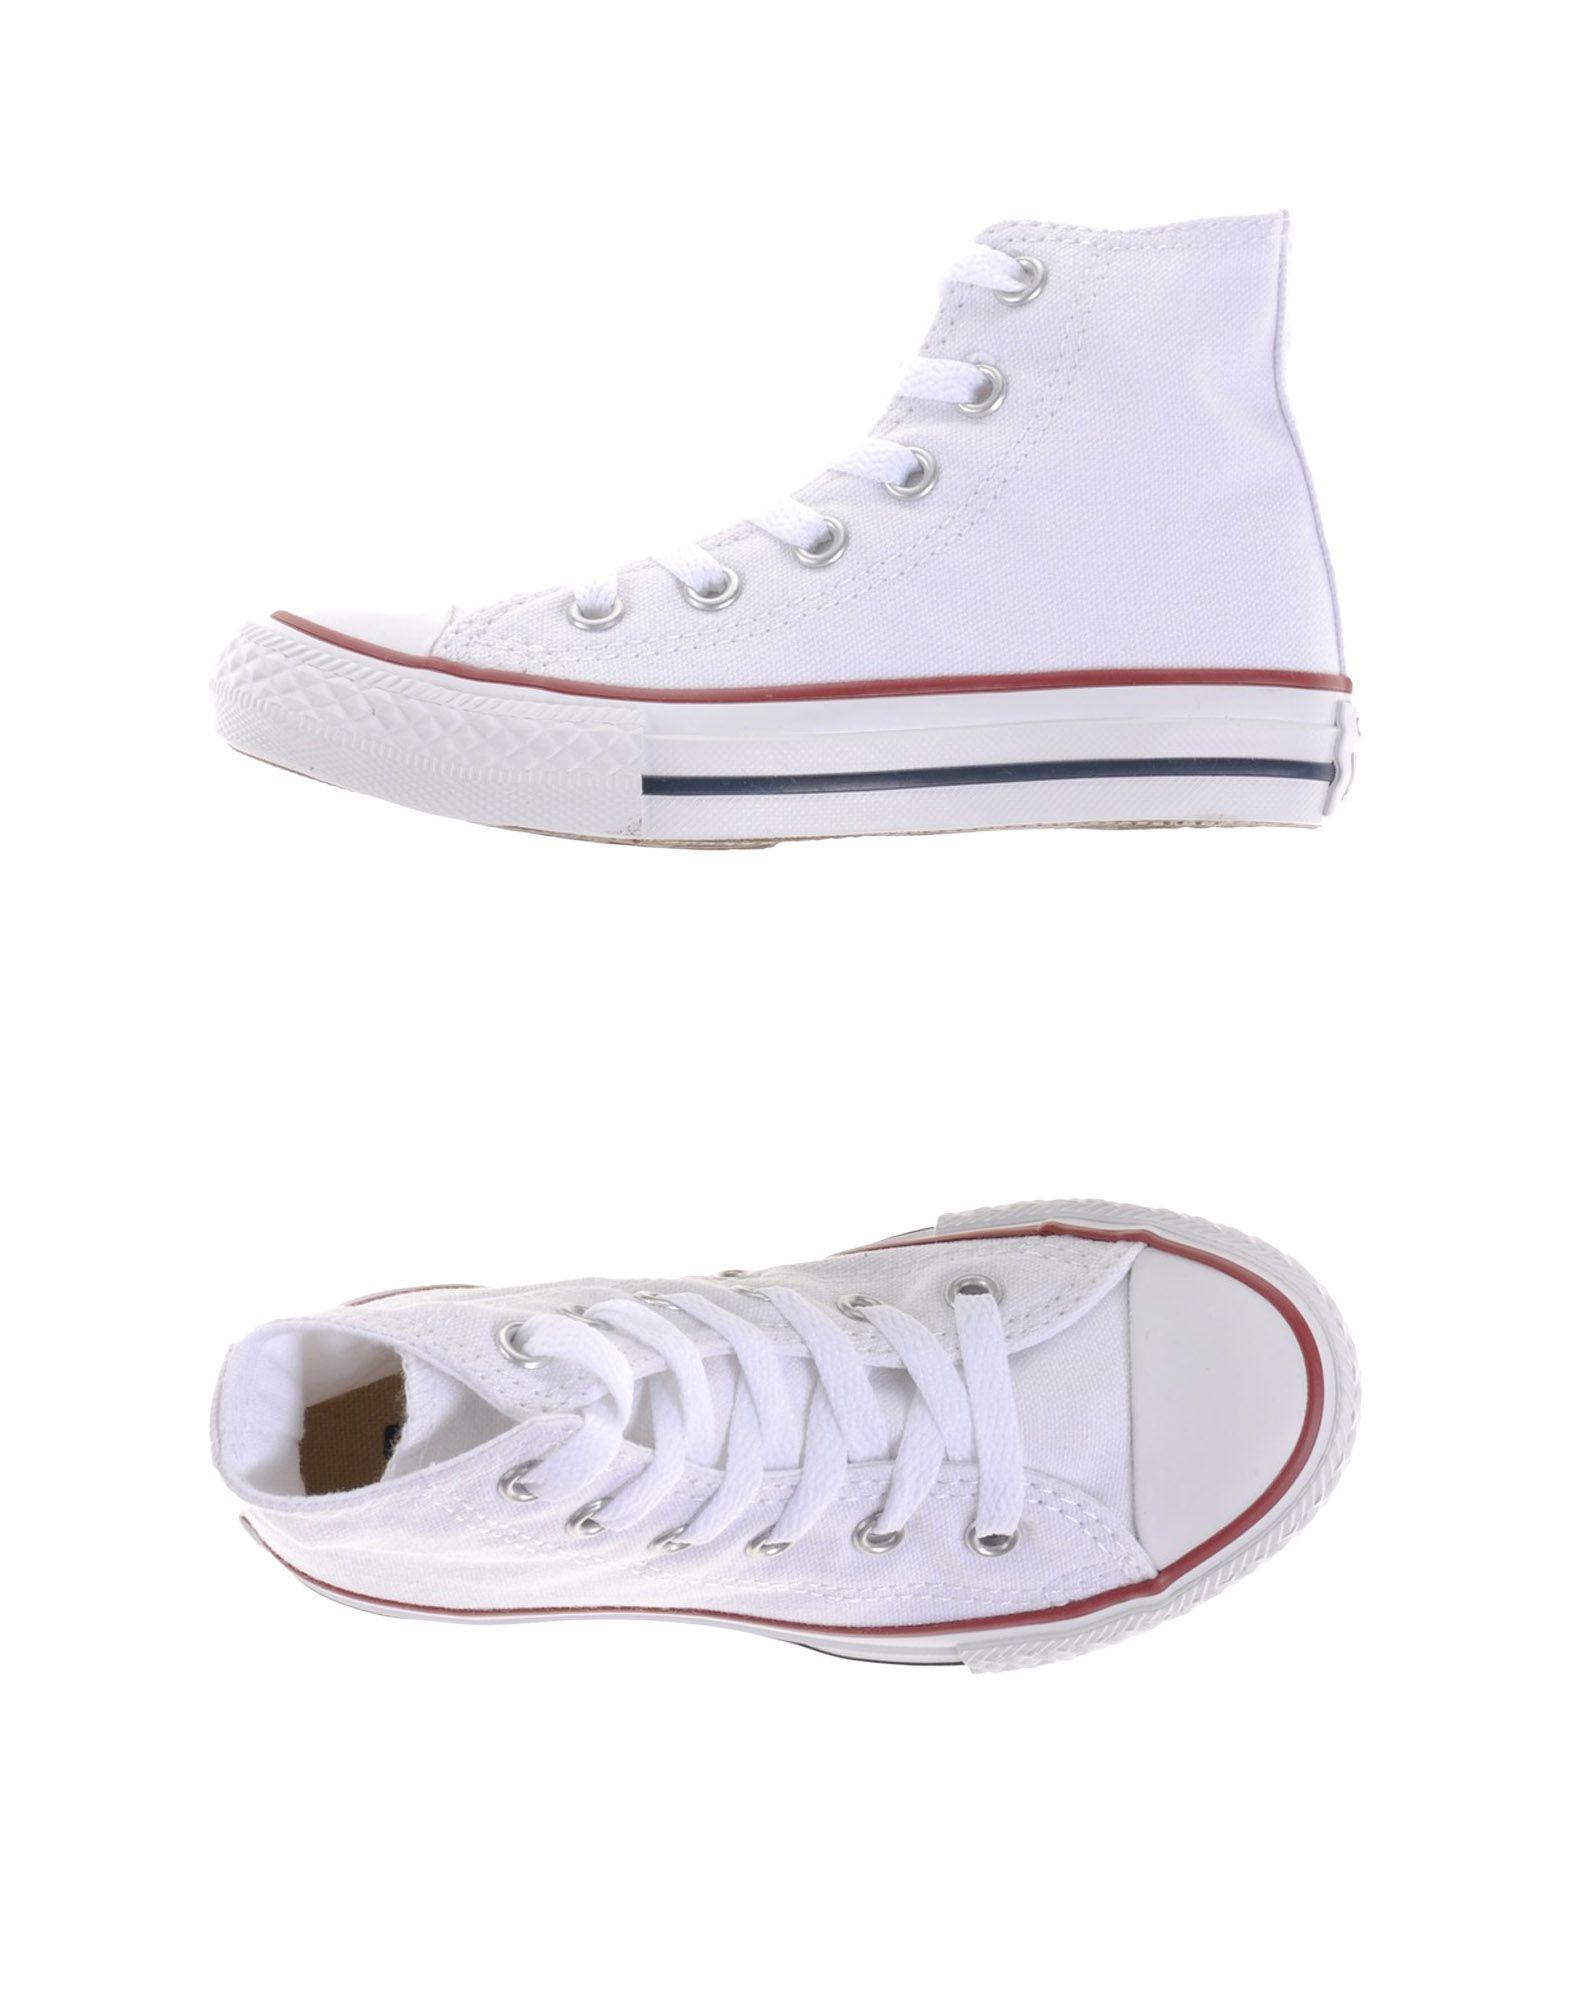 CONVERSE ALL STAR Высокие кеды и кроссовки converse all star высокие кеды и кроссовки